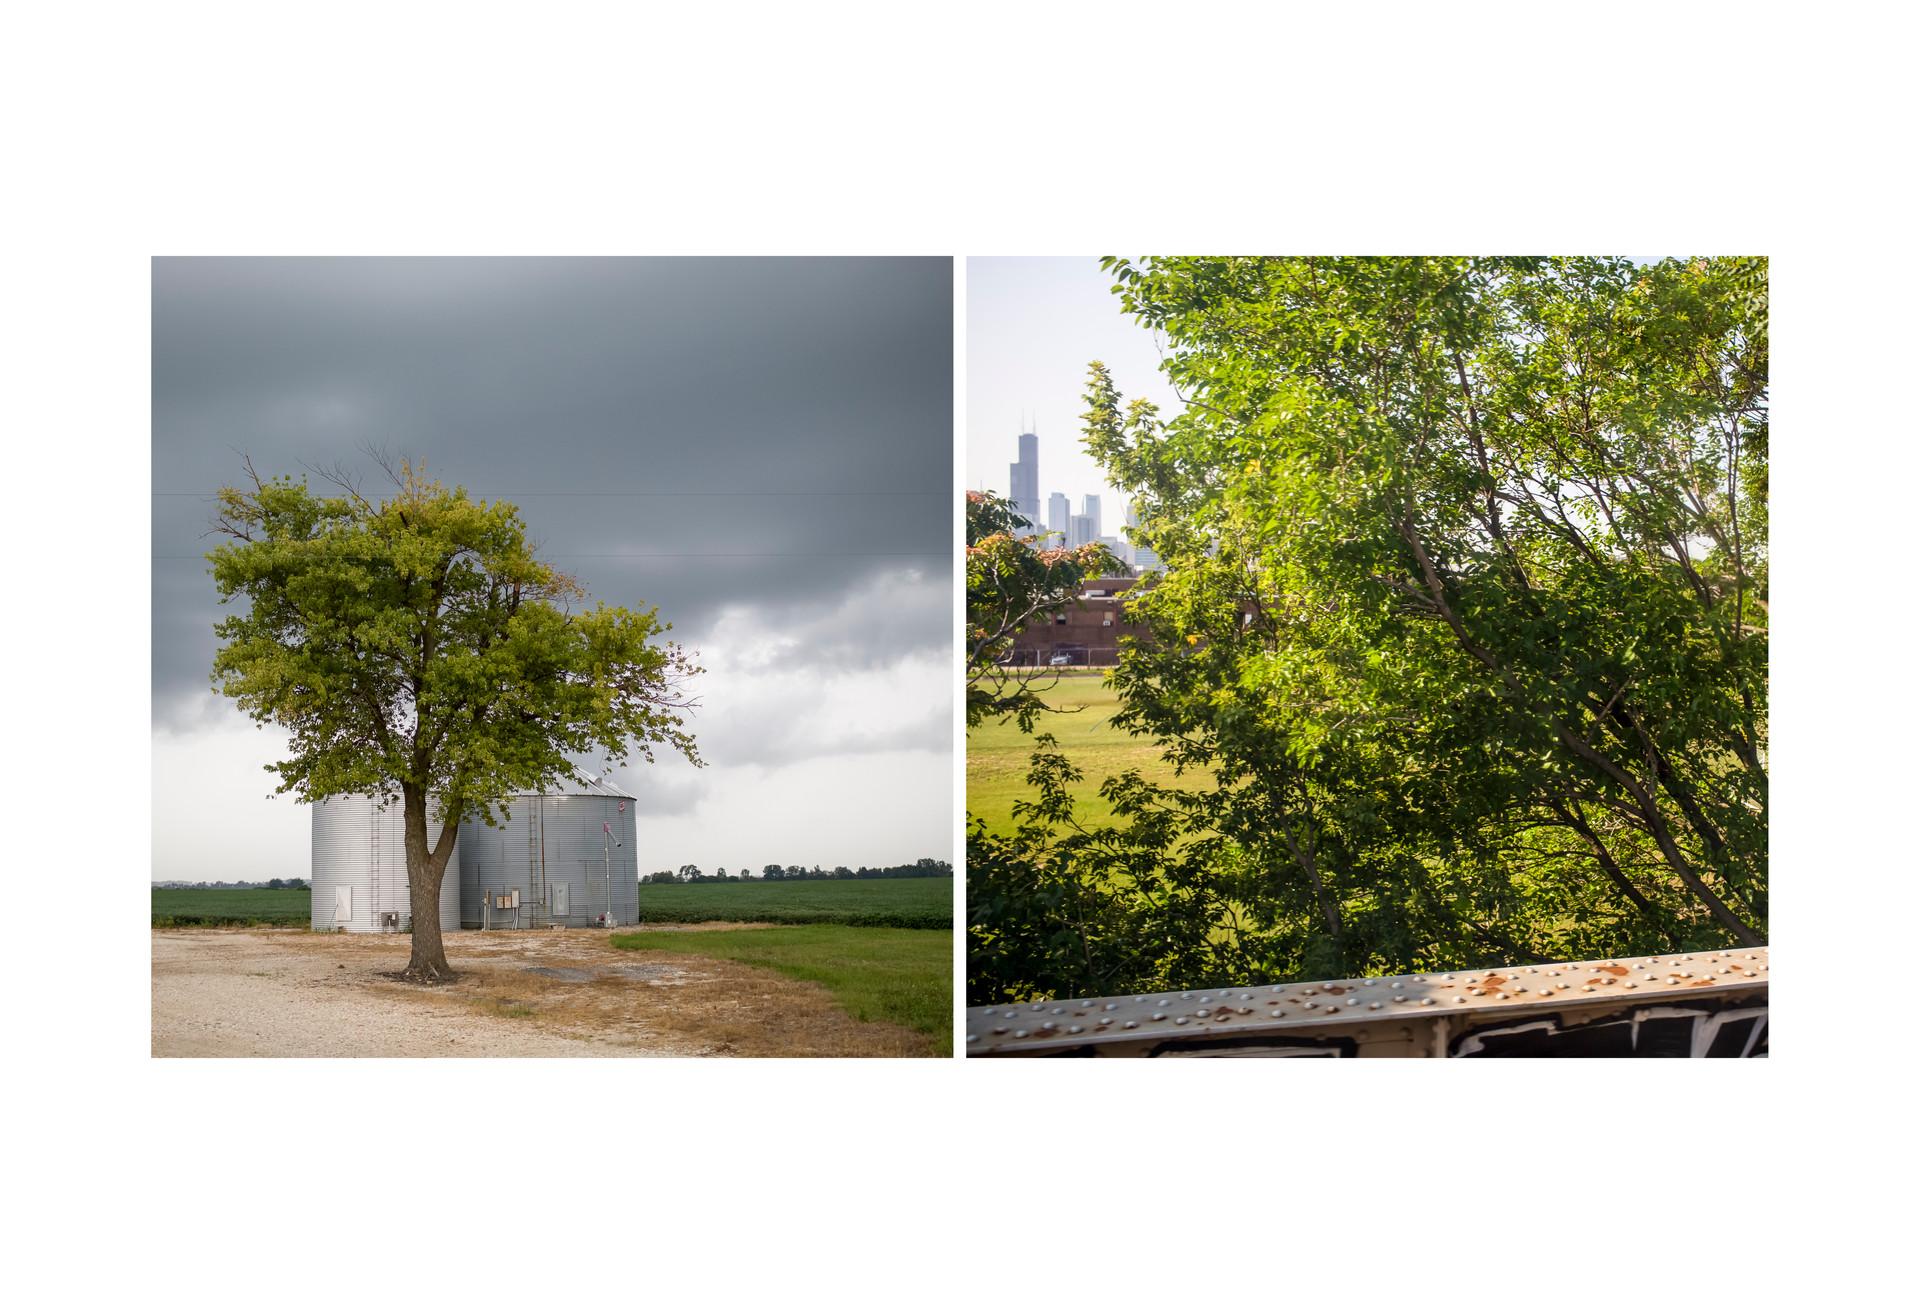 trees + buildings